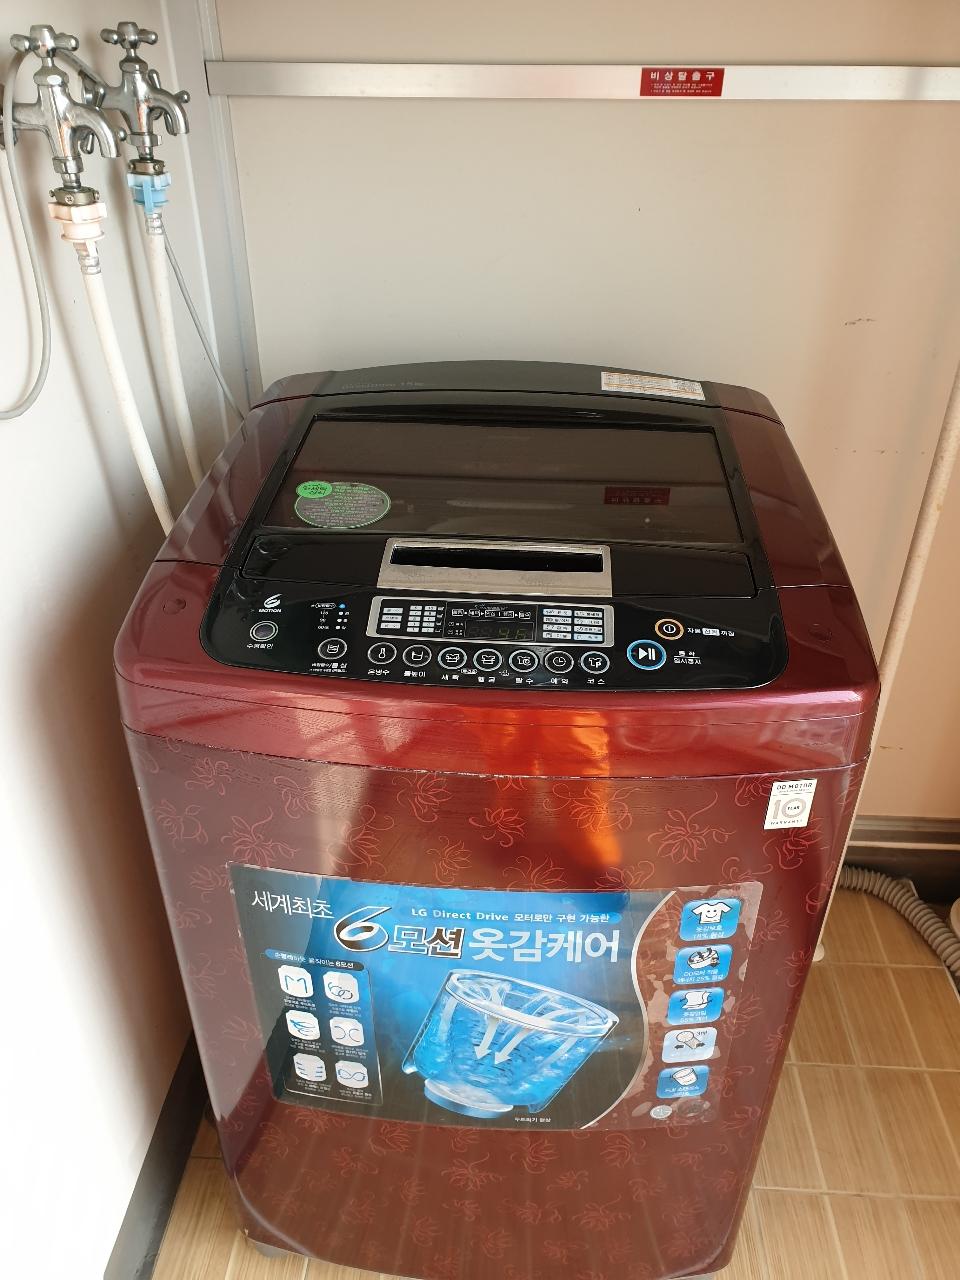 에어컨 청소, 세탁기청소 잘하는 *명품홈케어*입니다 010-8854-3579